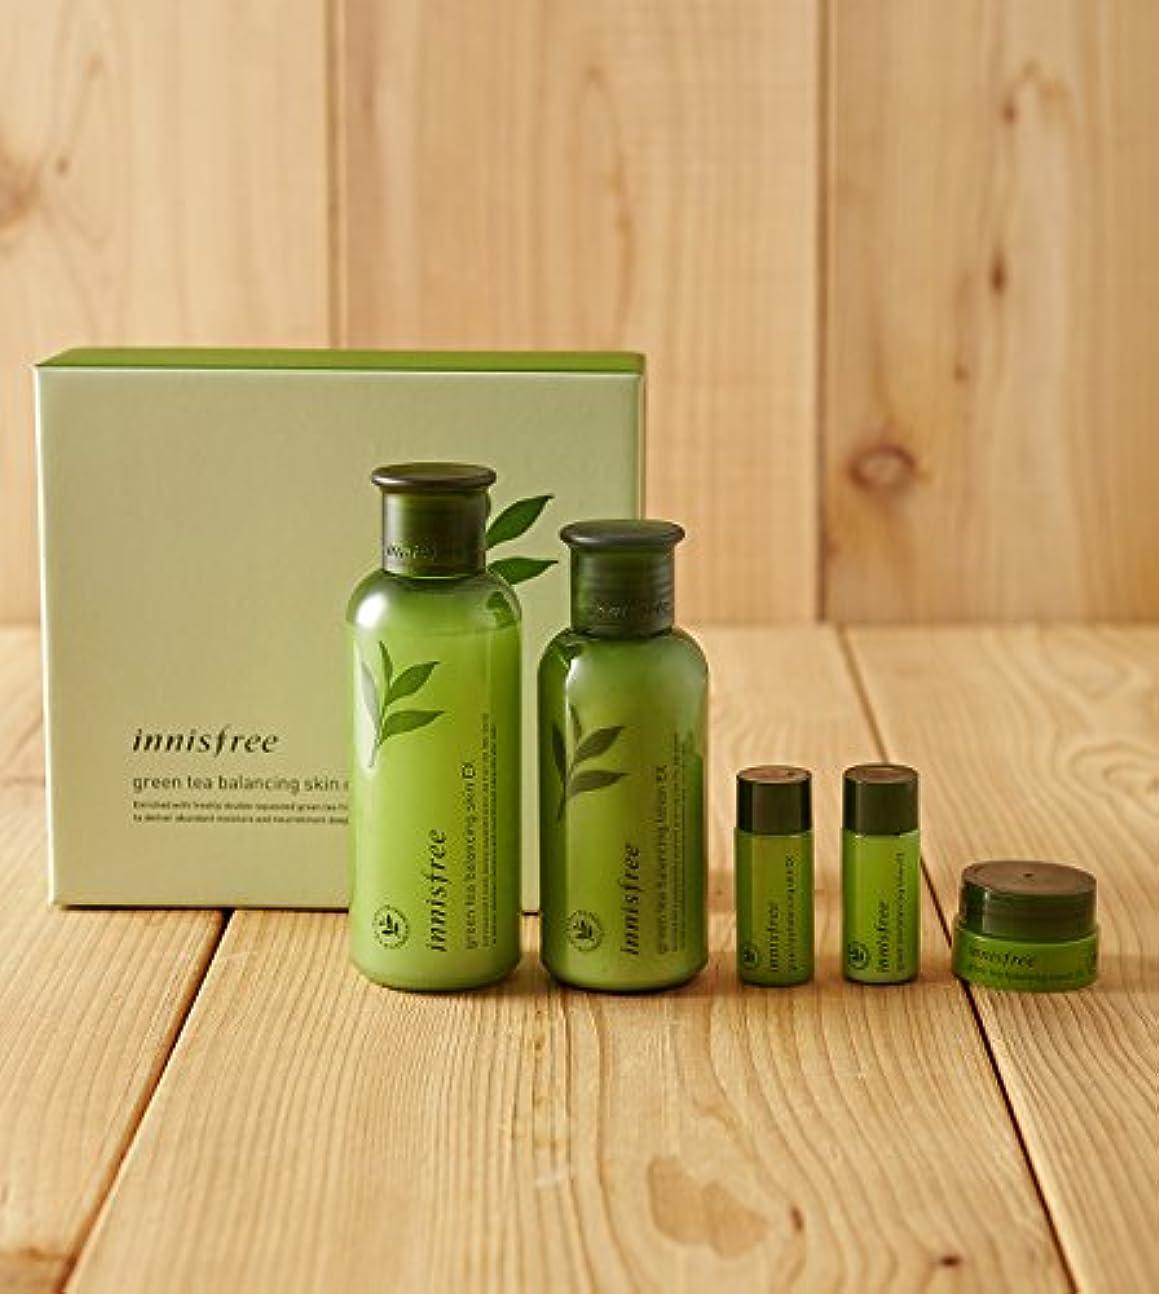 八百屋さん待って類似性innisfree green tea balancing skin care set ex/イニスフリーグリーンティーバランシングスキンケアセットex